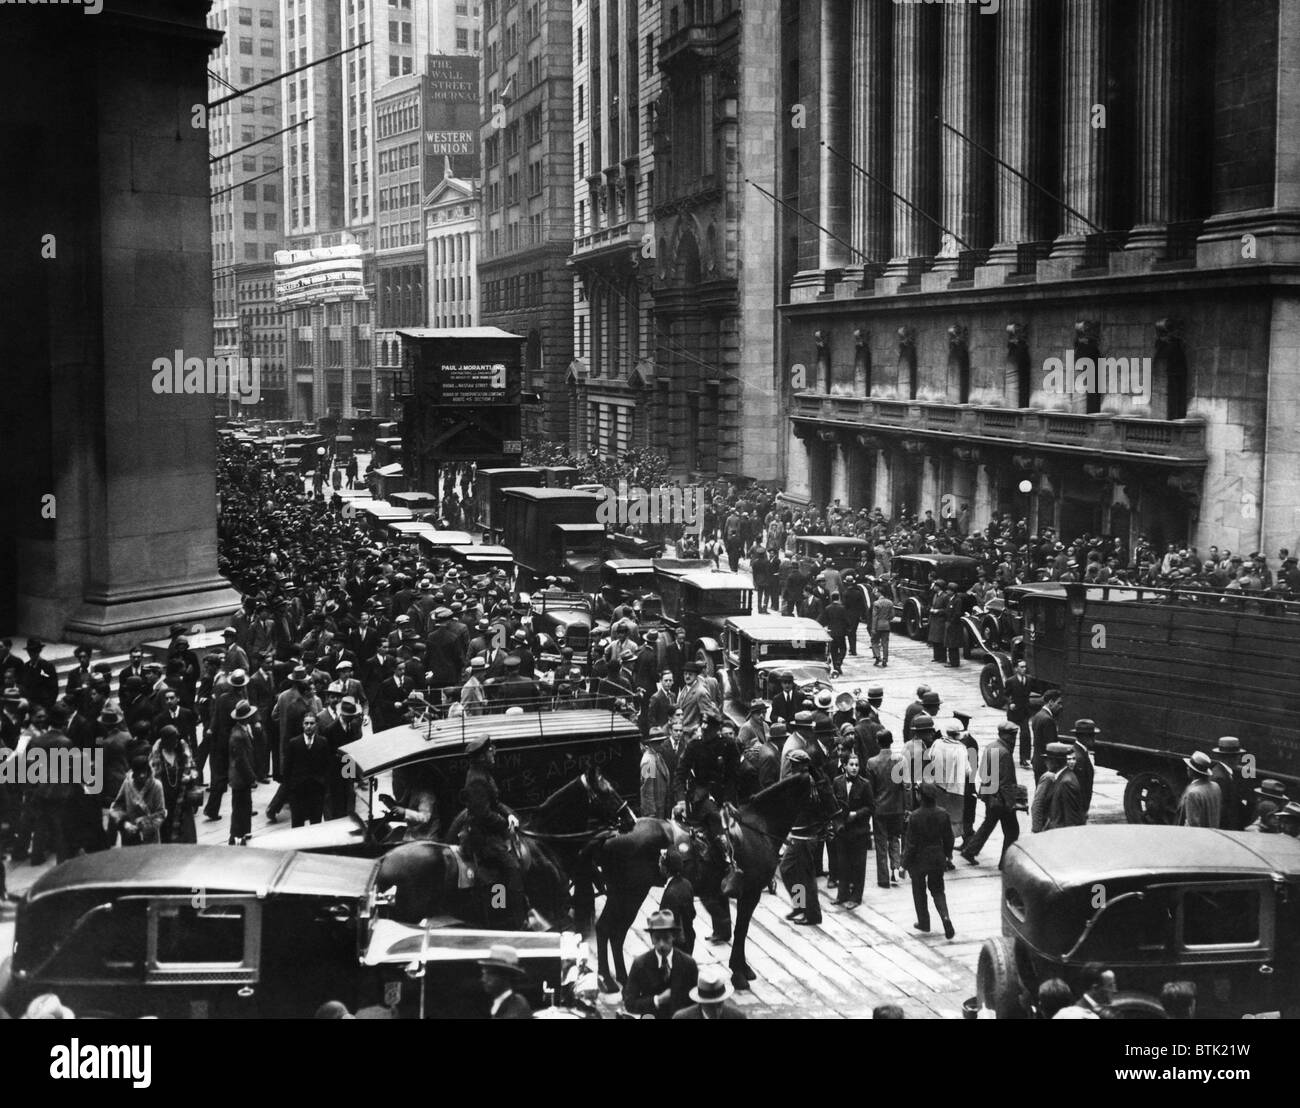 Stock Car History Stock Photos & Stock Car History Stock